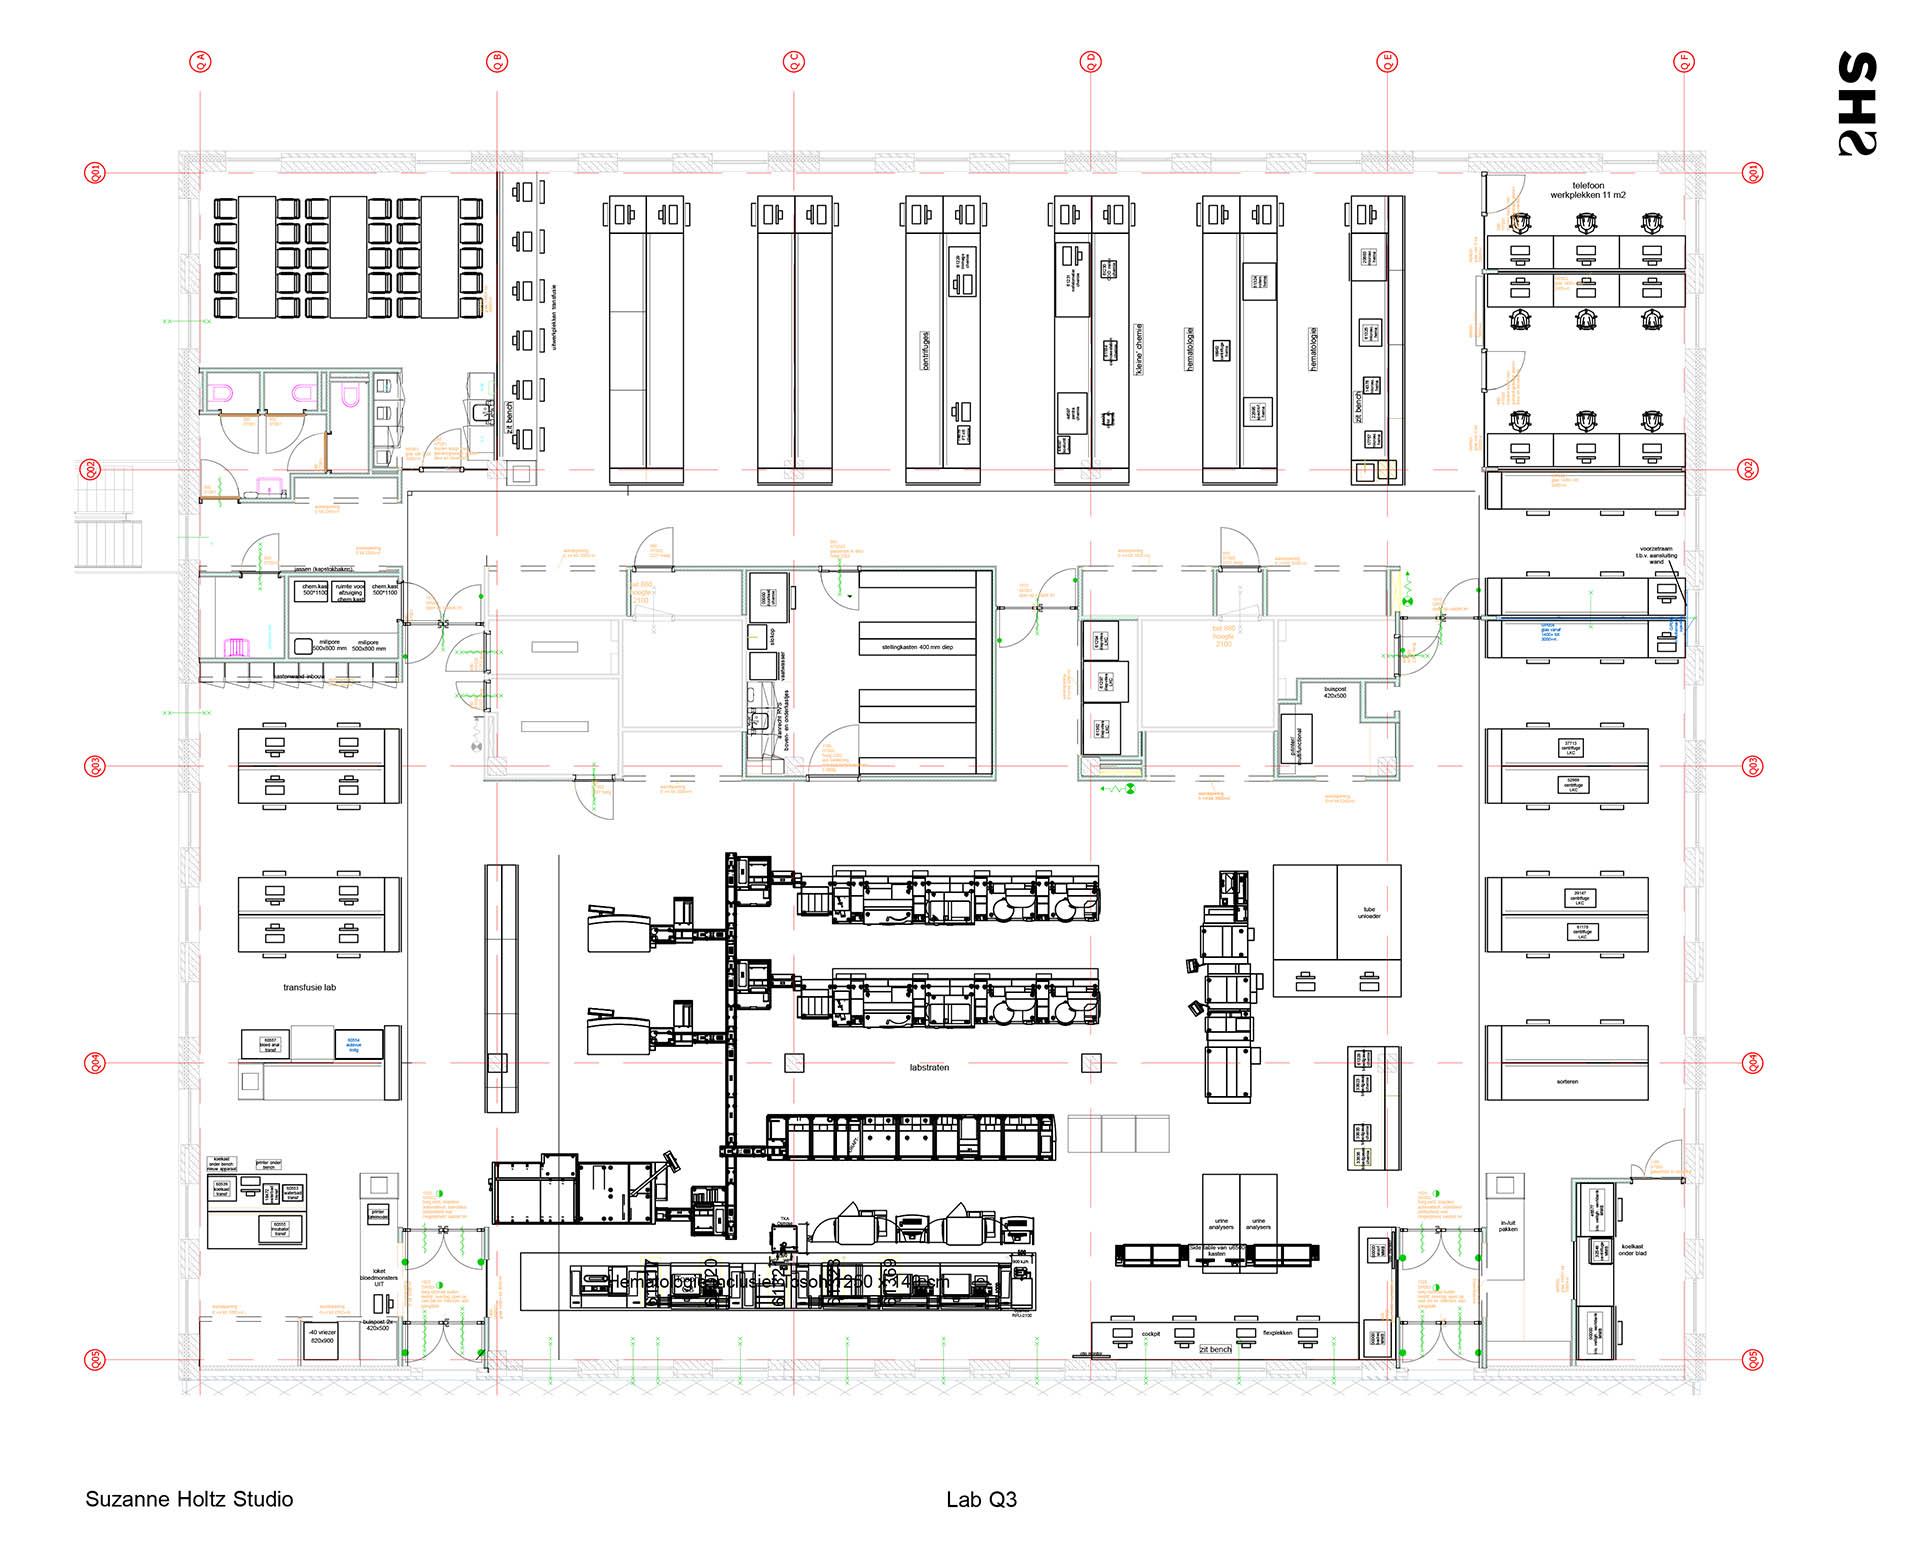 plattegrond-laboratorium-q3